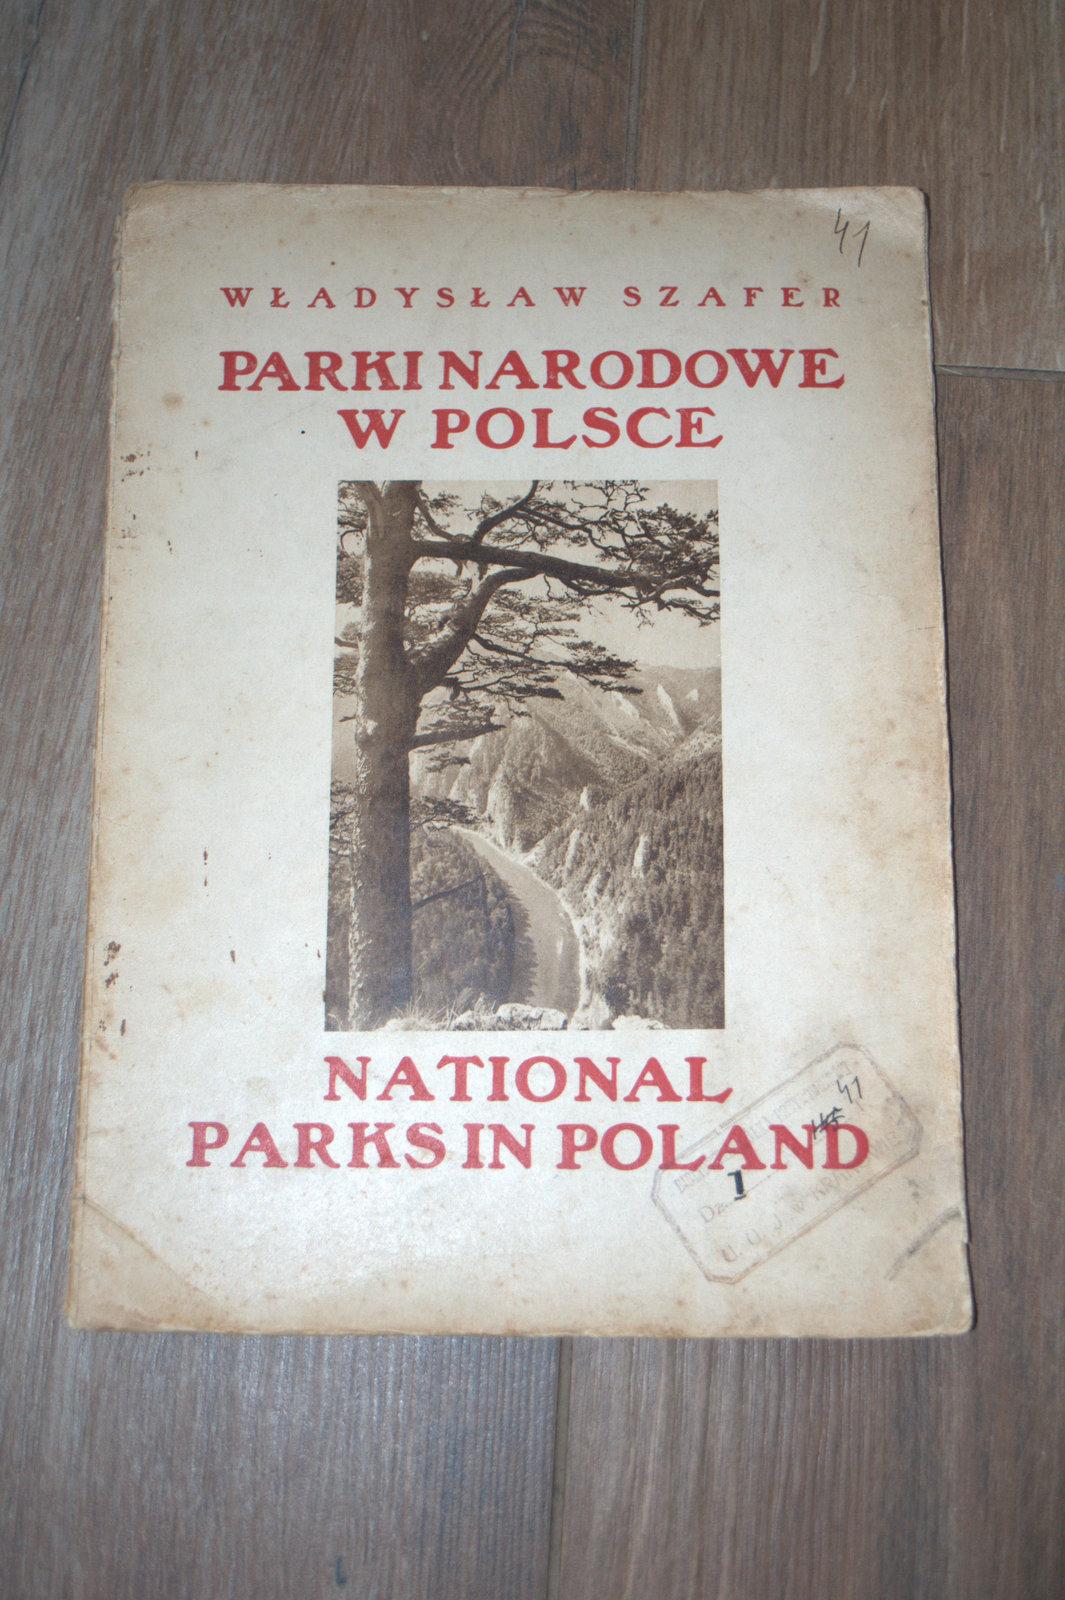 Parki Narodowe W Polsce Wszafer 1929